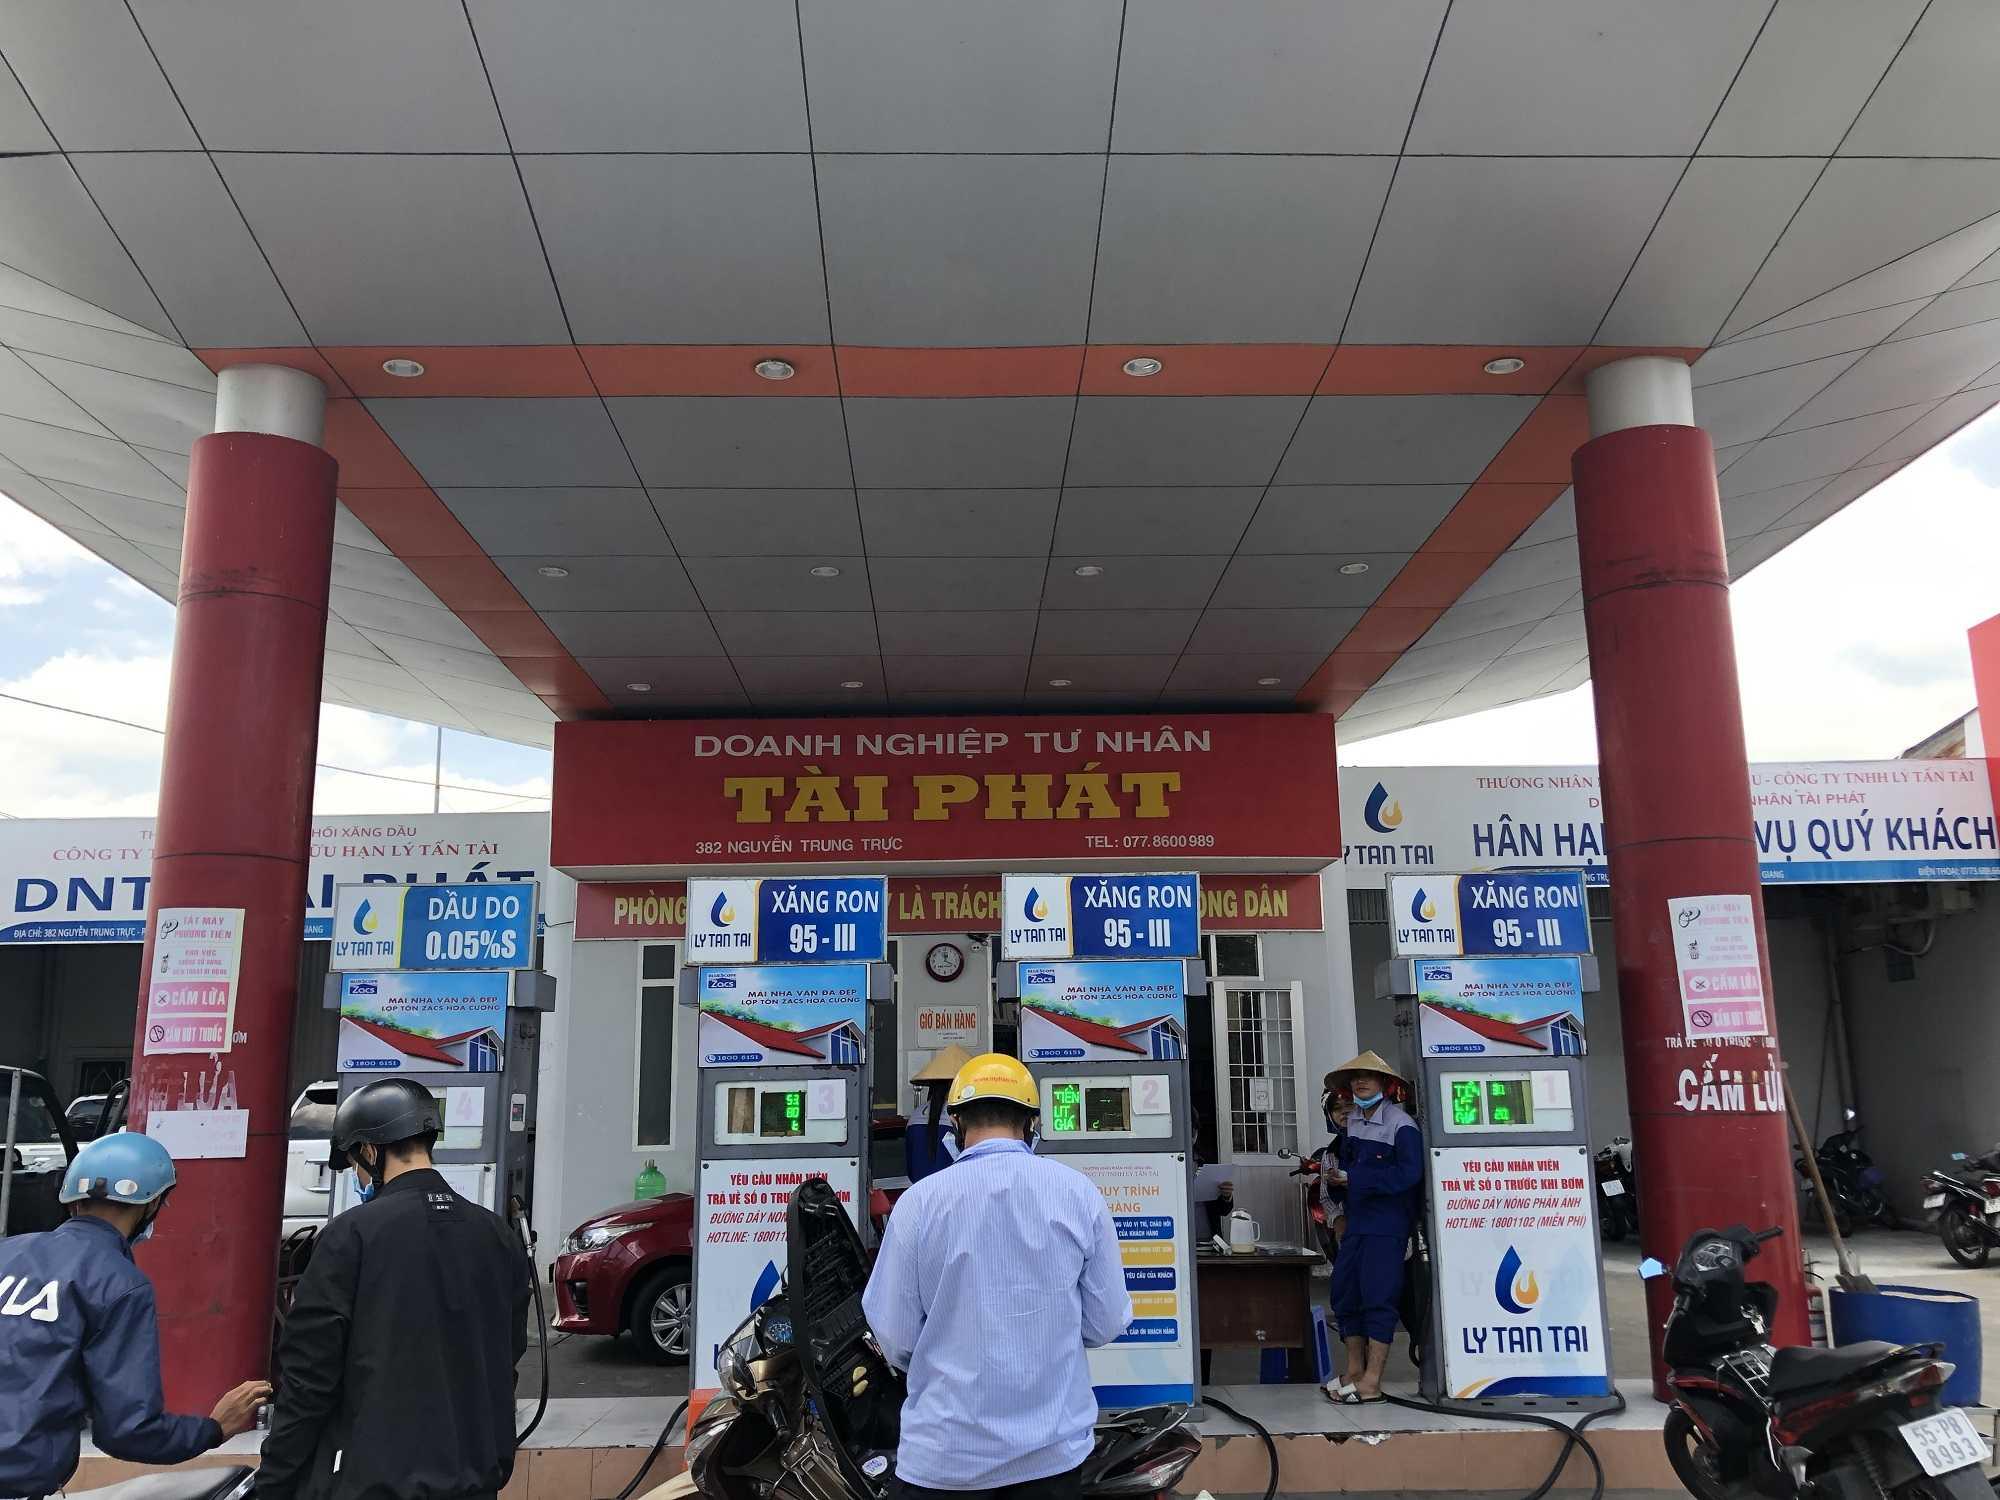 Quảng cáo CHXD Tài Phát 382 Nguyễn Trung Trực, Phường Vĩnh Lạc, Rạch Giá, Kiên Giang